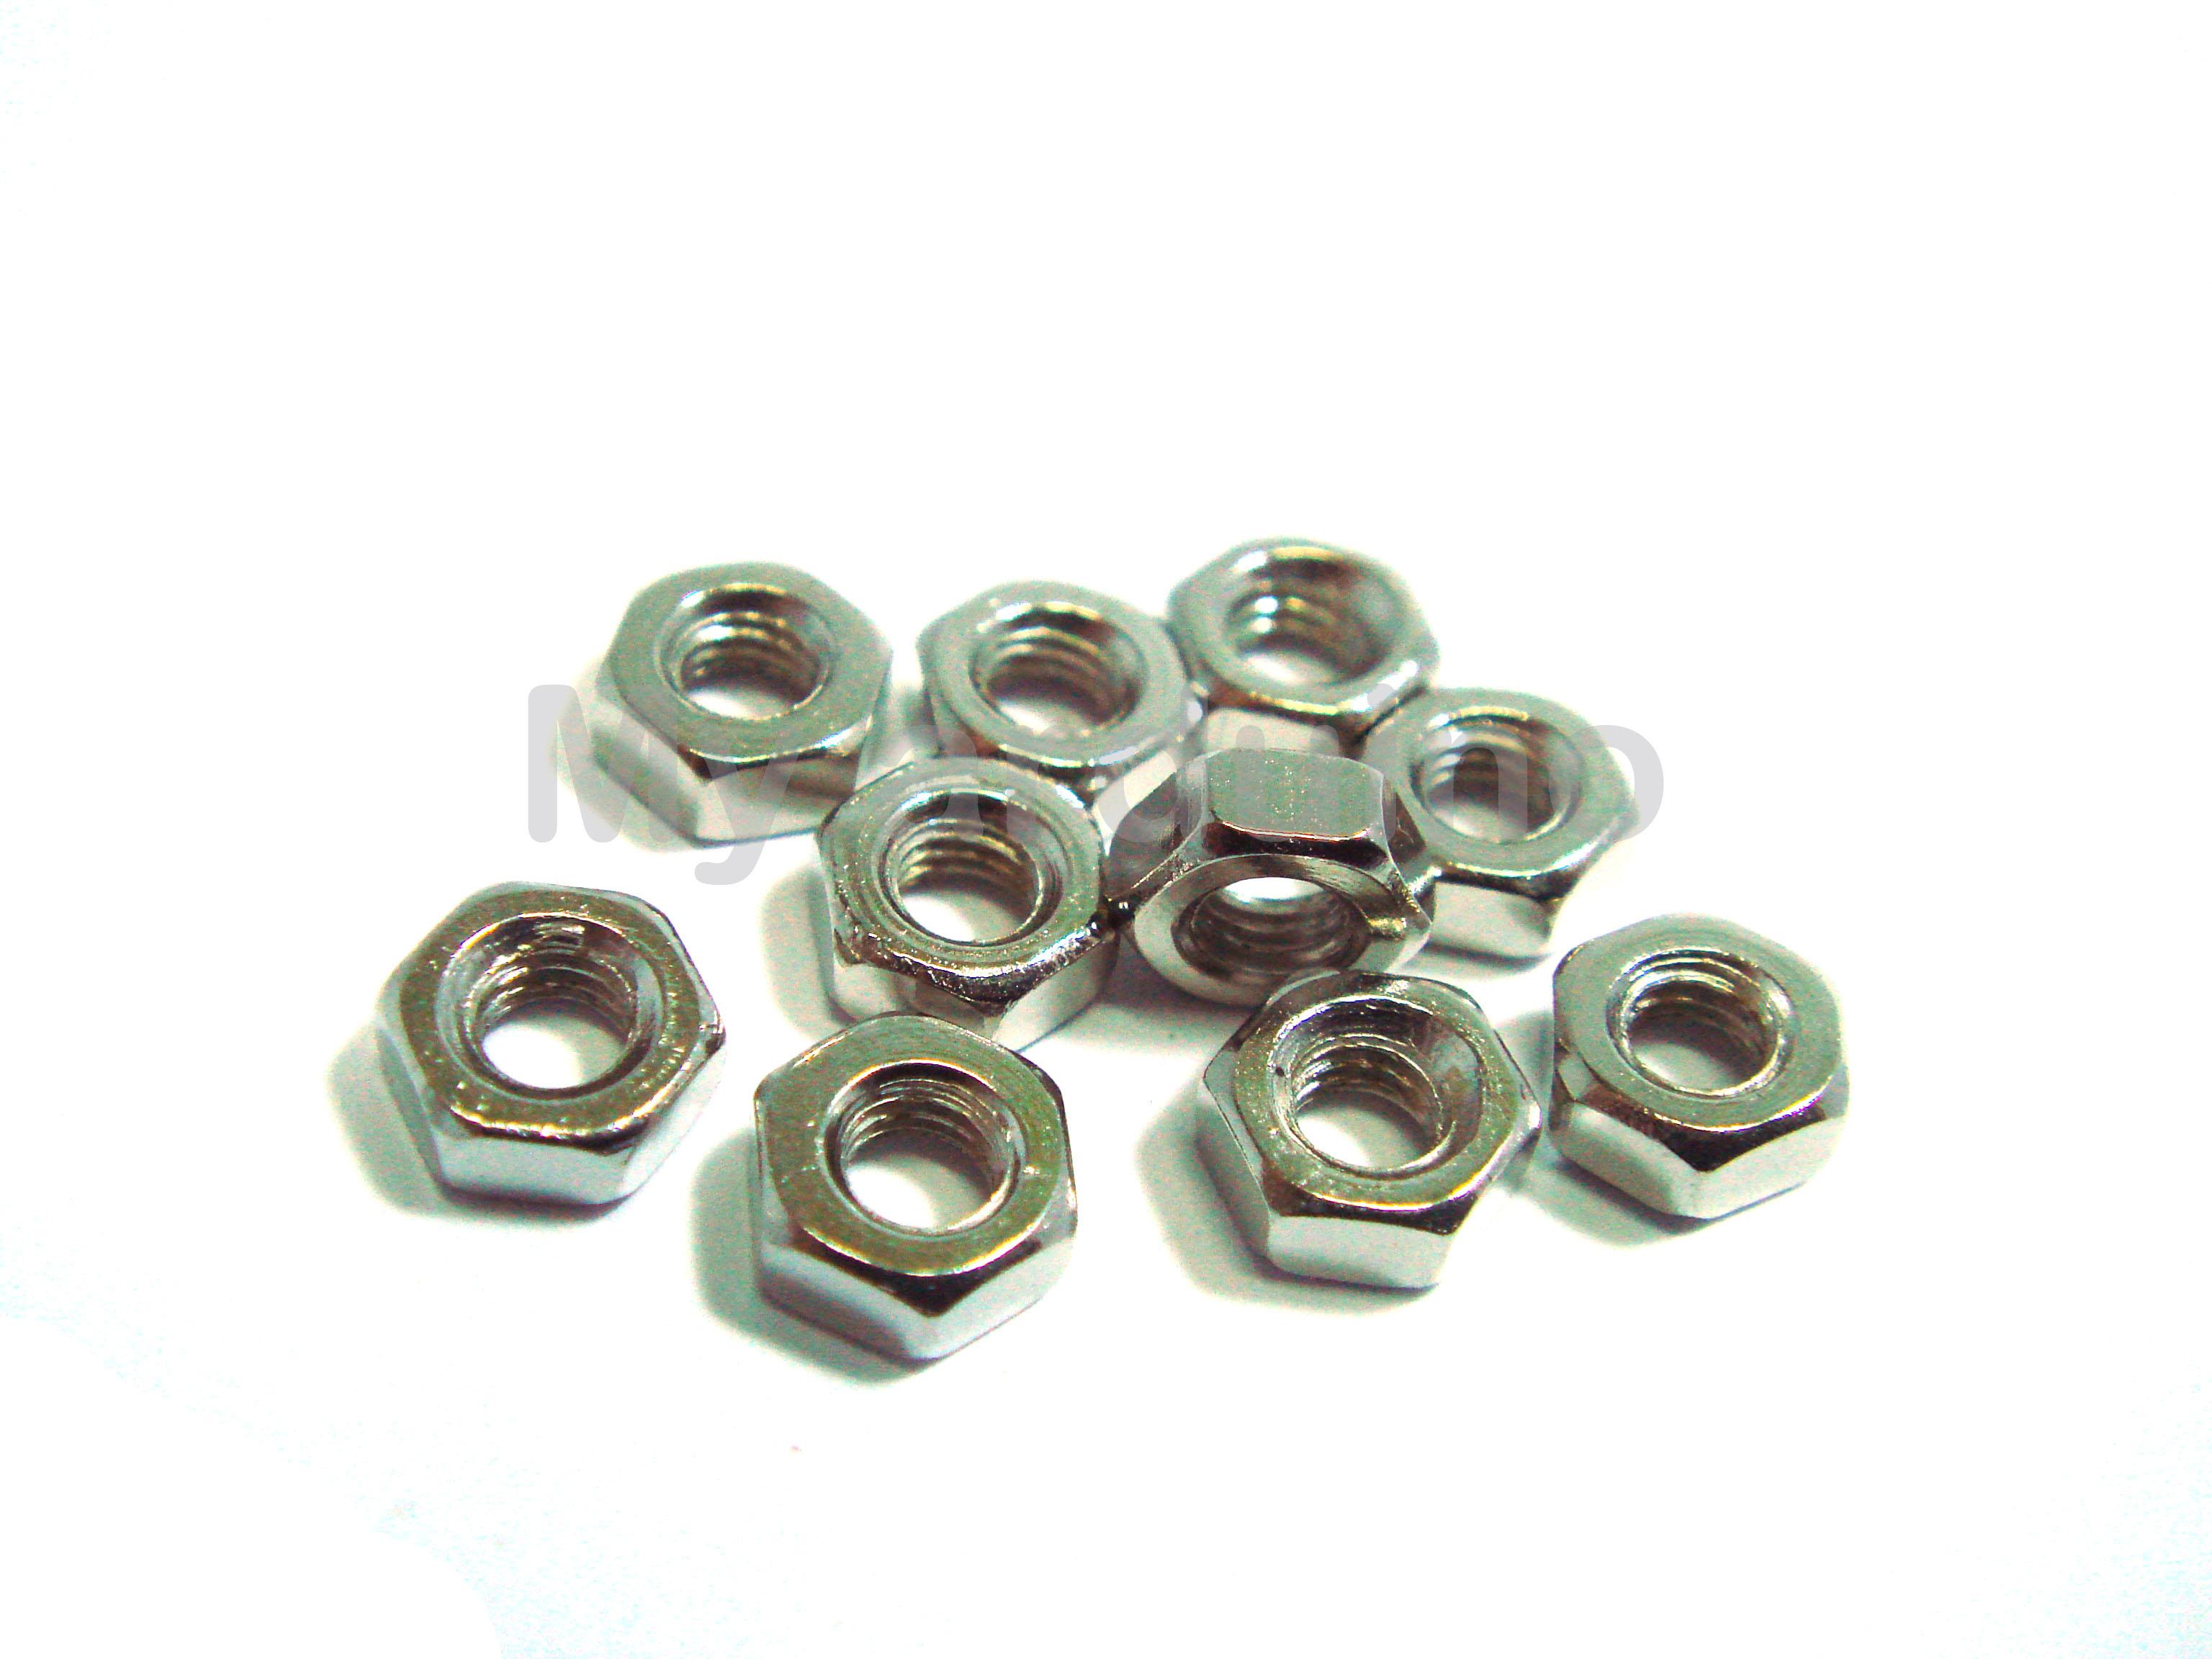 Nut M2 น็อตตัวเมีย ขนาด 2มม จำนวน 10 ชิน